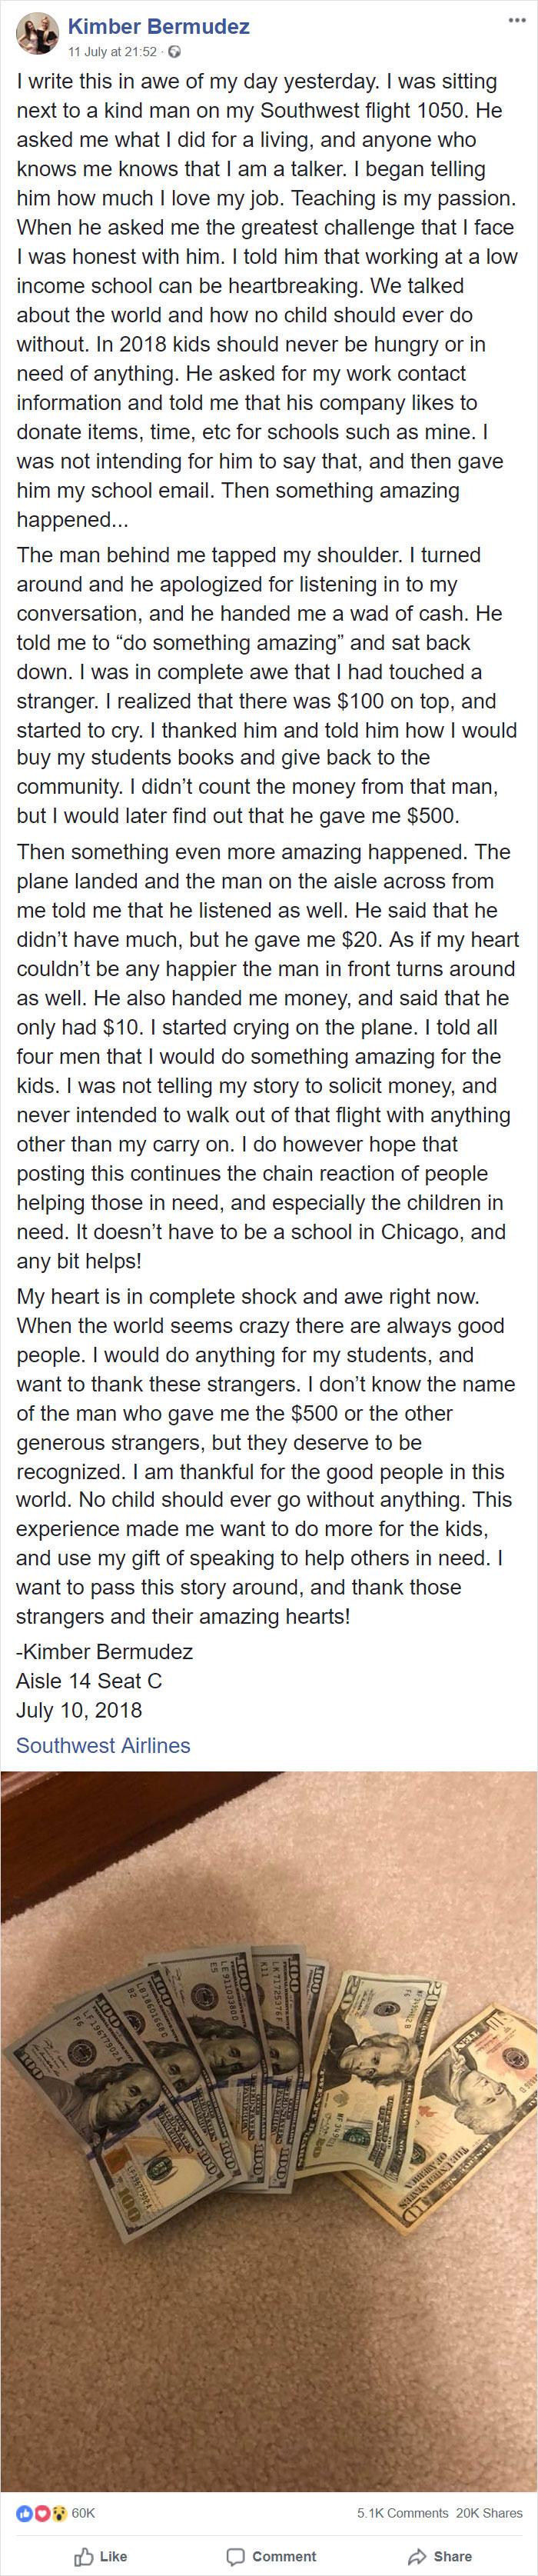 Esta maestra en un avión habló sobre sus estudiantes de bajos ingresos. Pasajeros oyeron y le dieron más de $ 500 en efectivo